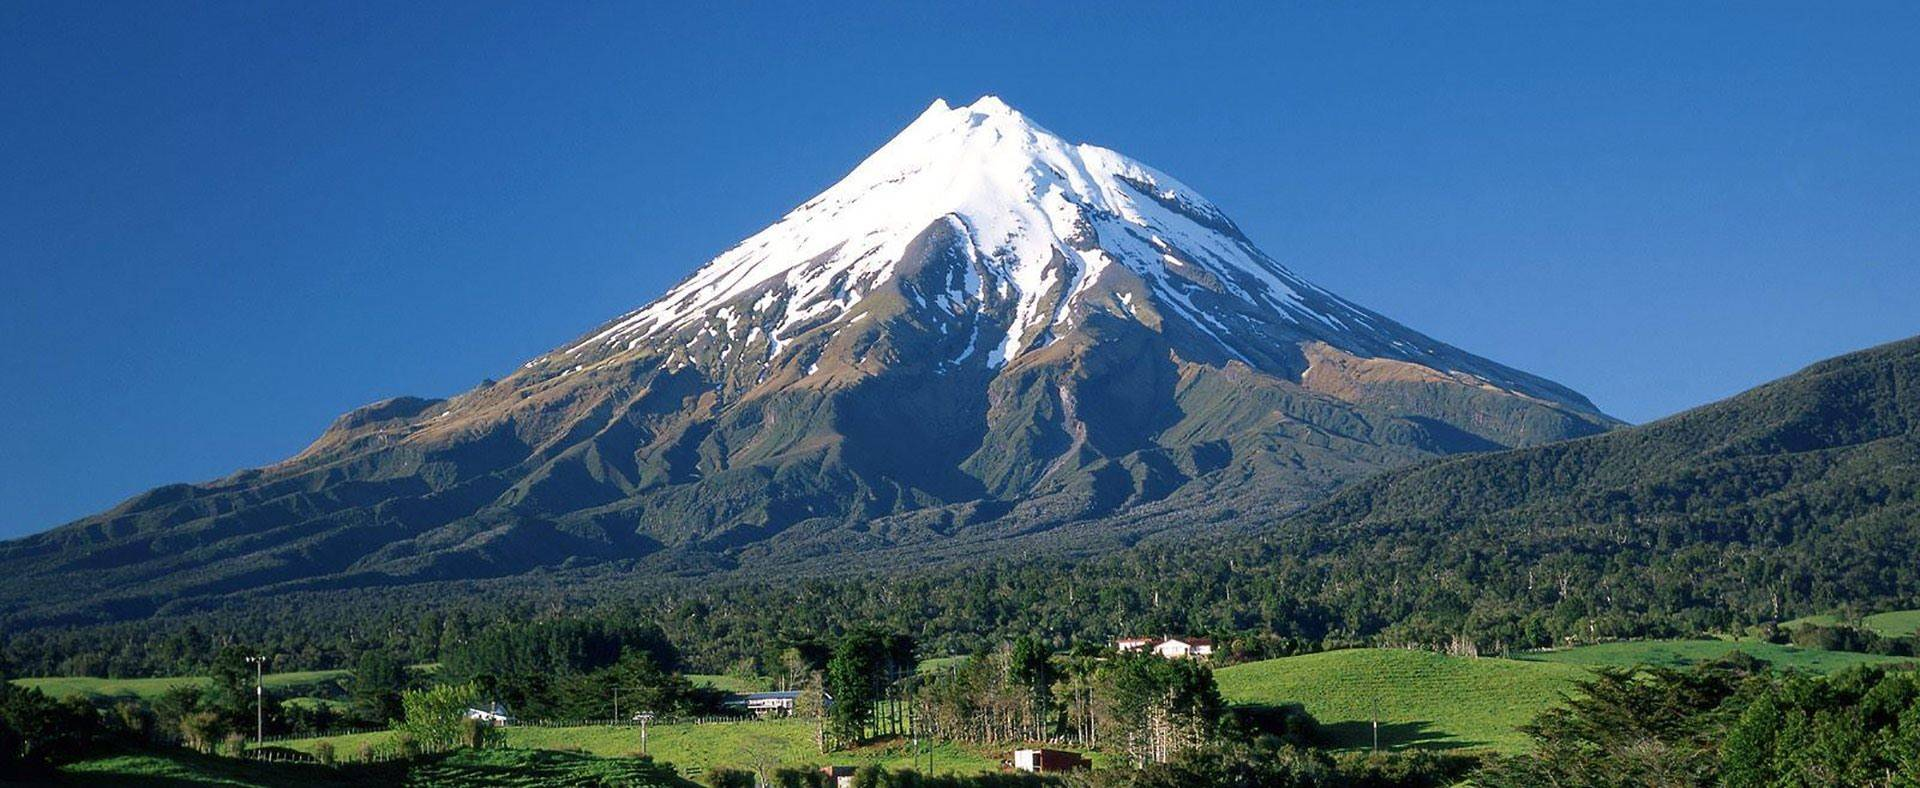 بلندترین کوه های ایران را بشناسید؛ دماوند با ارتفاع 5671...